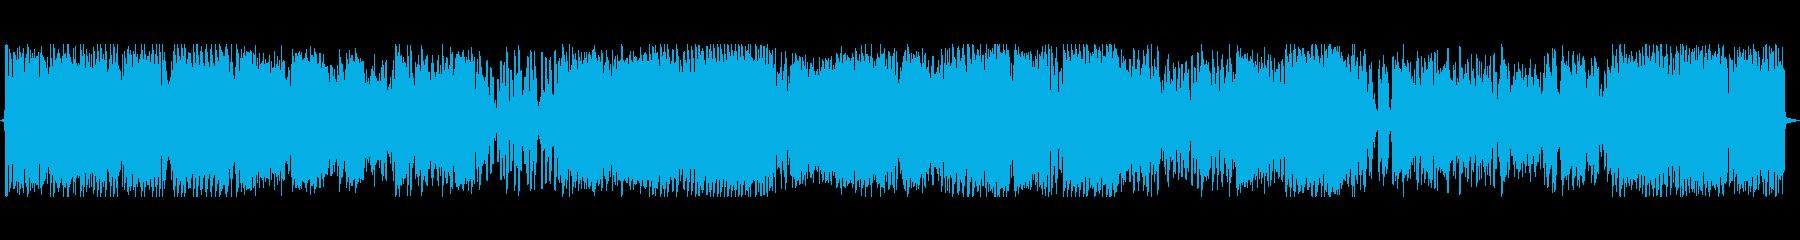 激しいビートのジングルの再生済みの波形